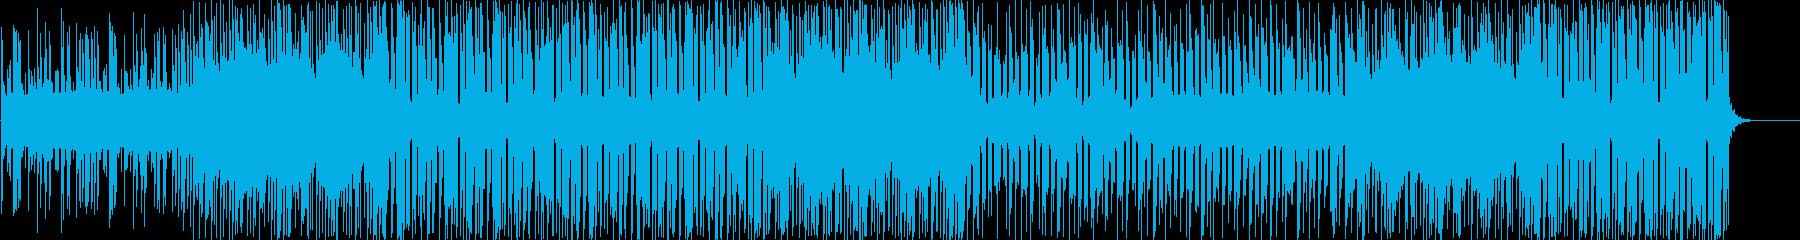 ライフスタイル アクション 感情的...の再生済みの波形